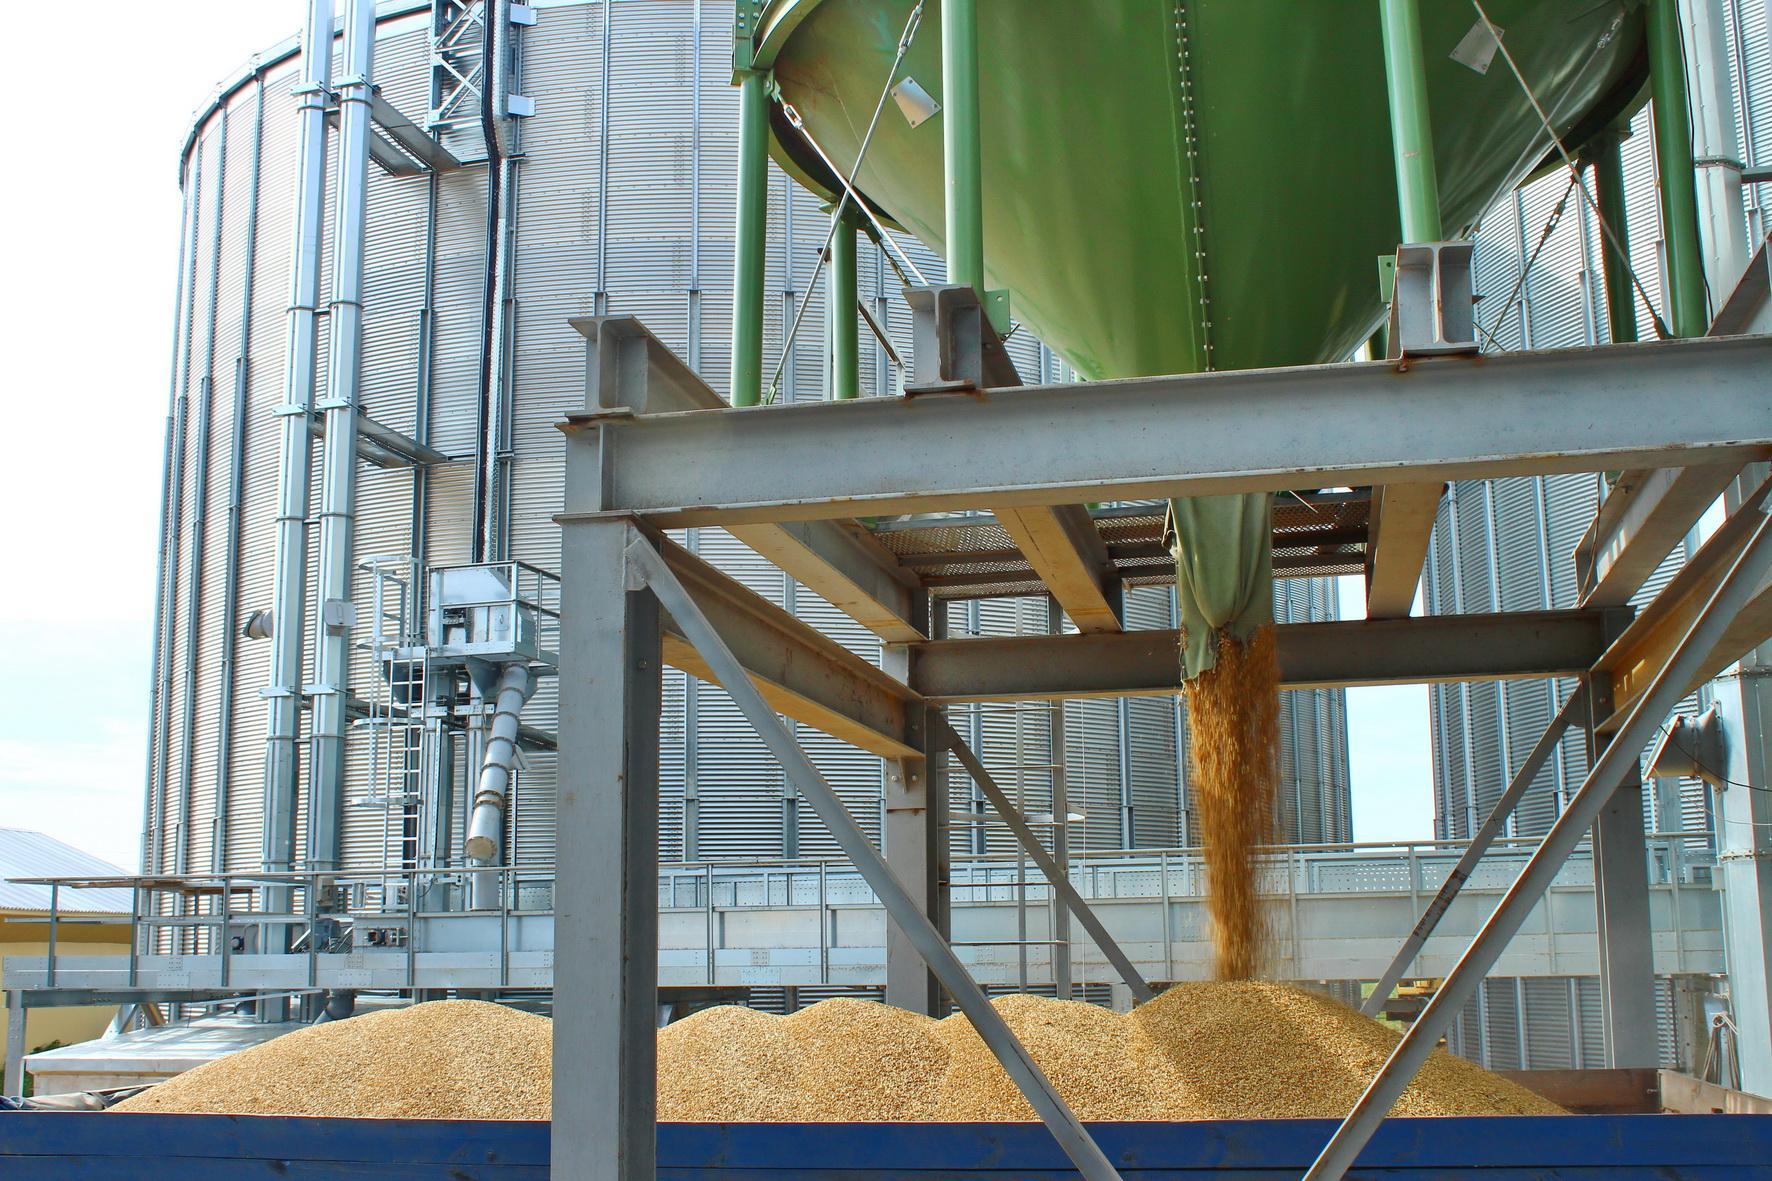 Элеватор зерно украина канатный став конвейера